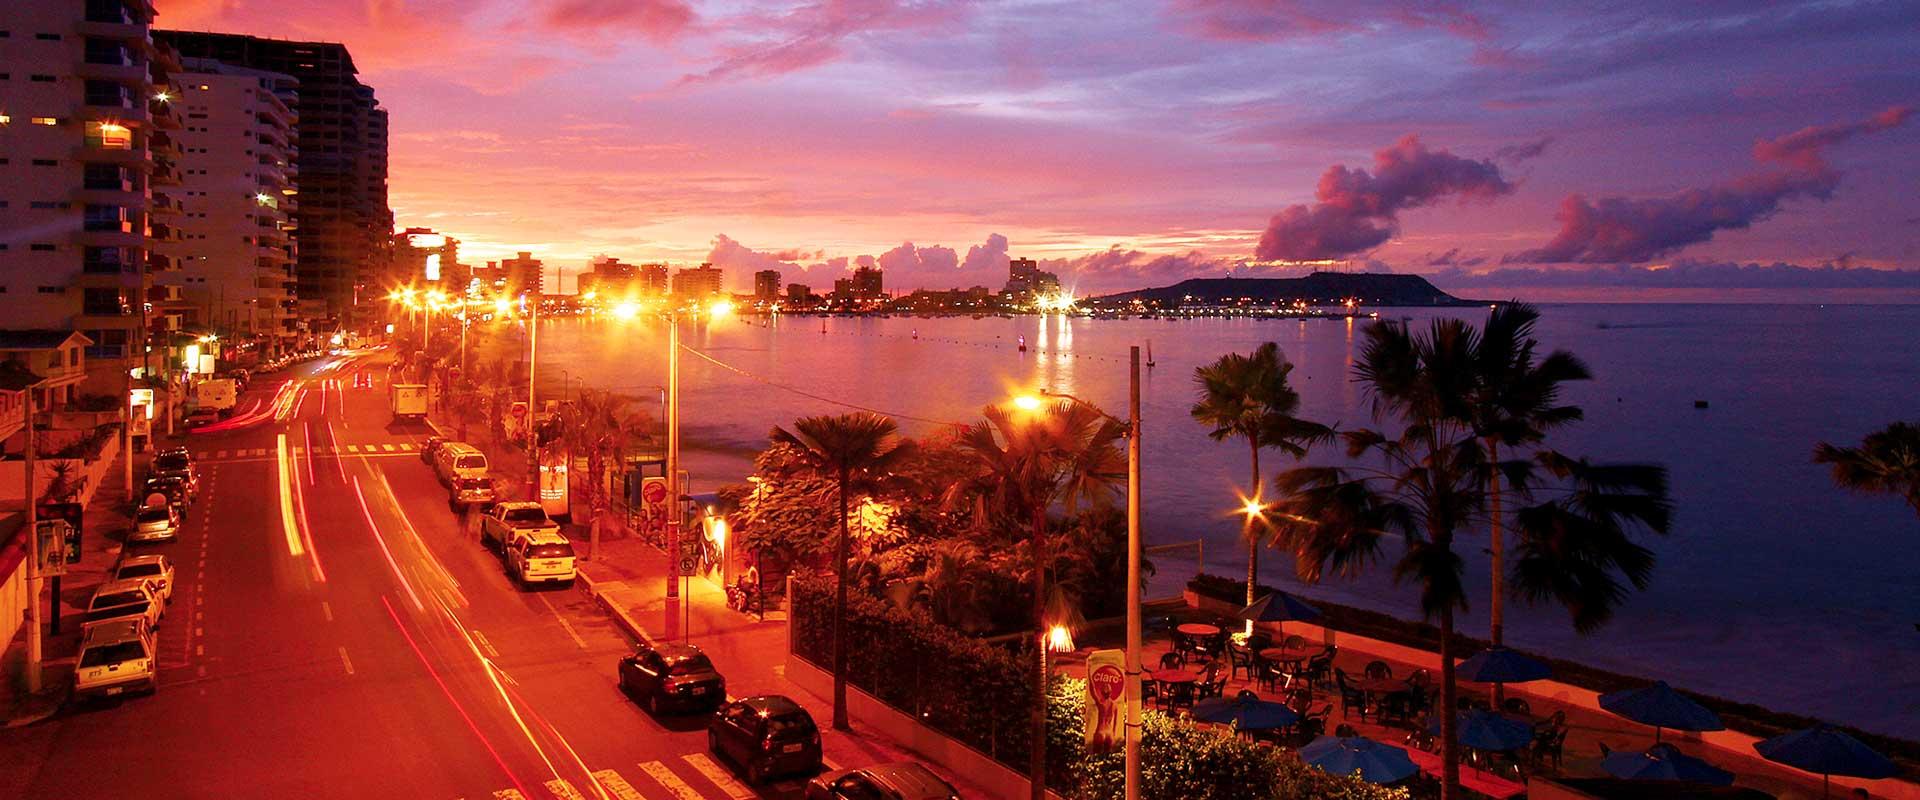 Salinas beach sunset Ecuador responsible travel 2019